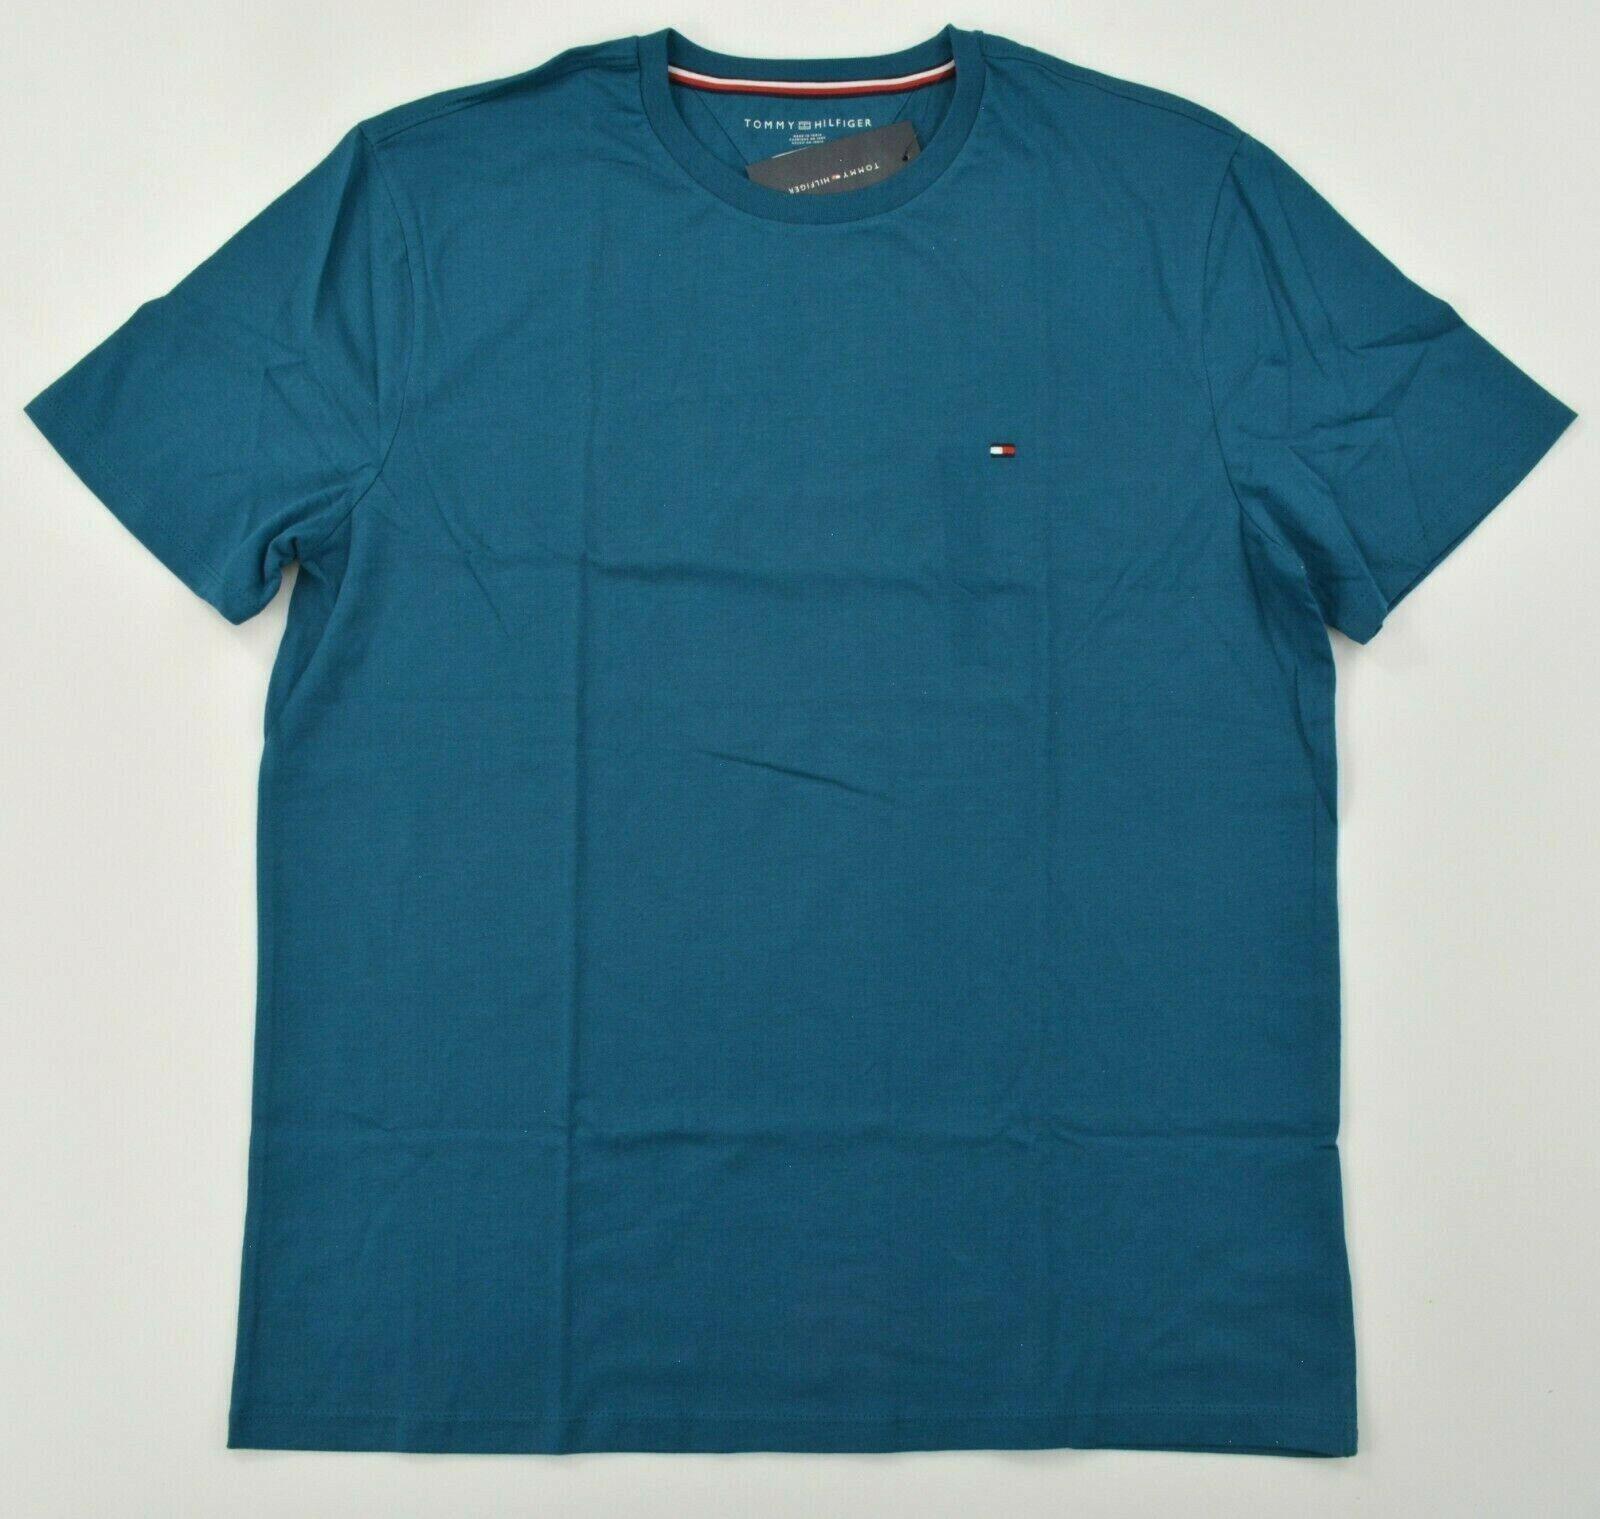 DkTurquoise-9804_466